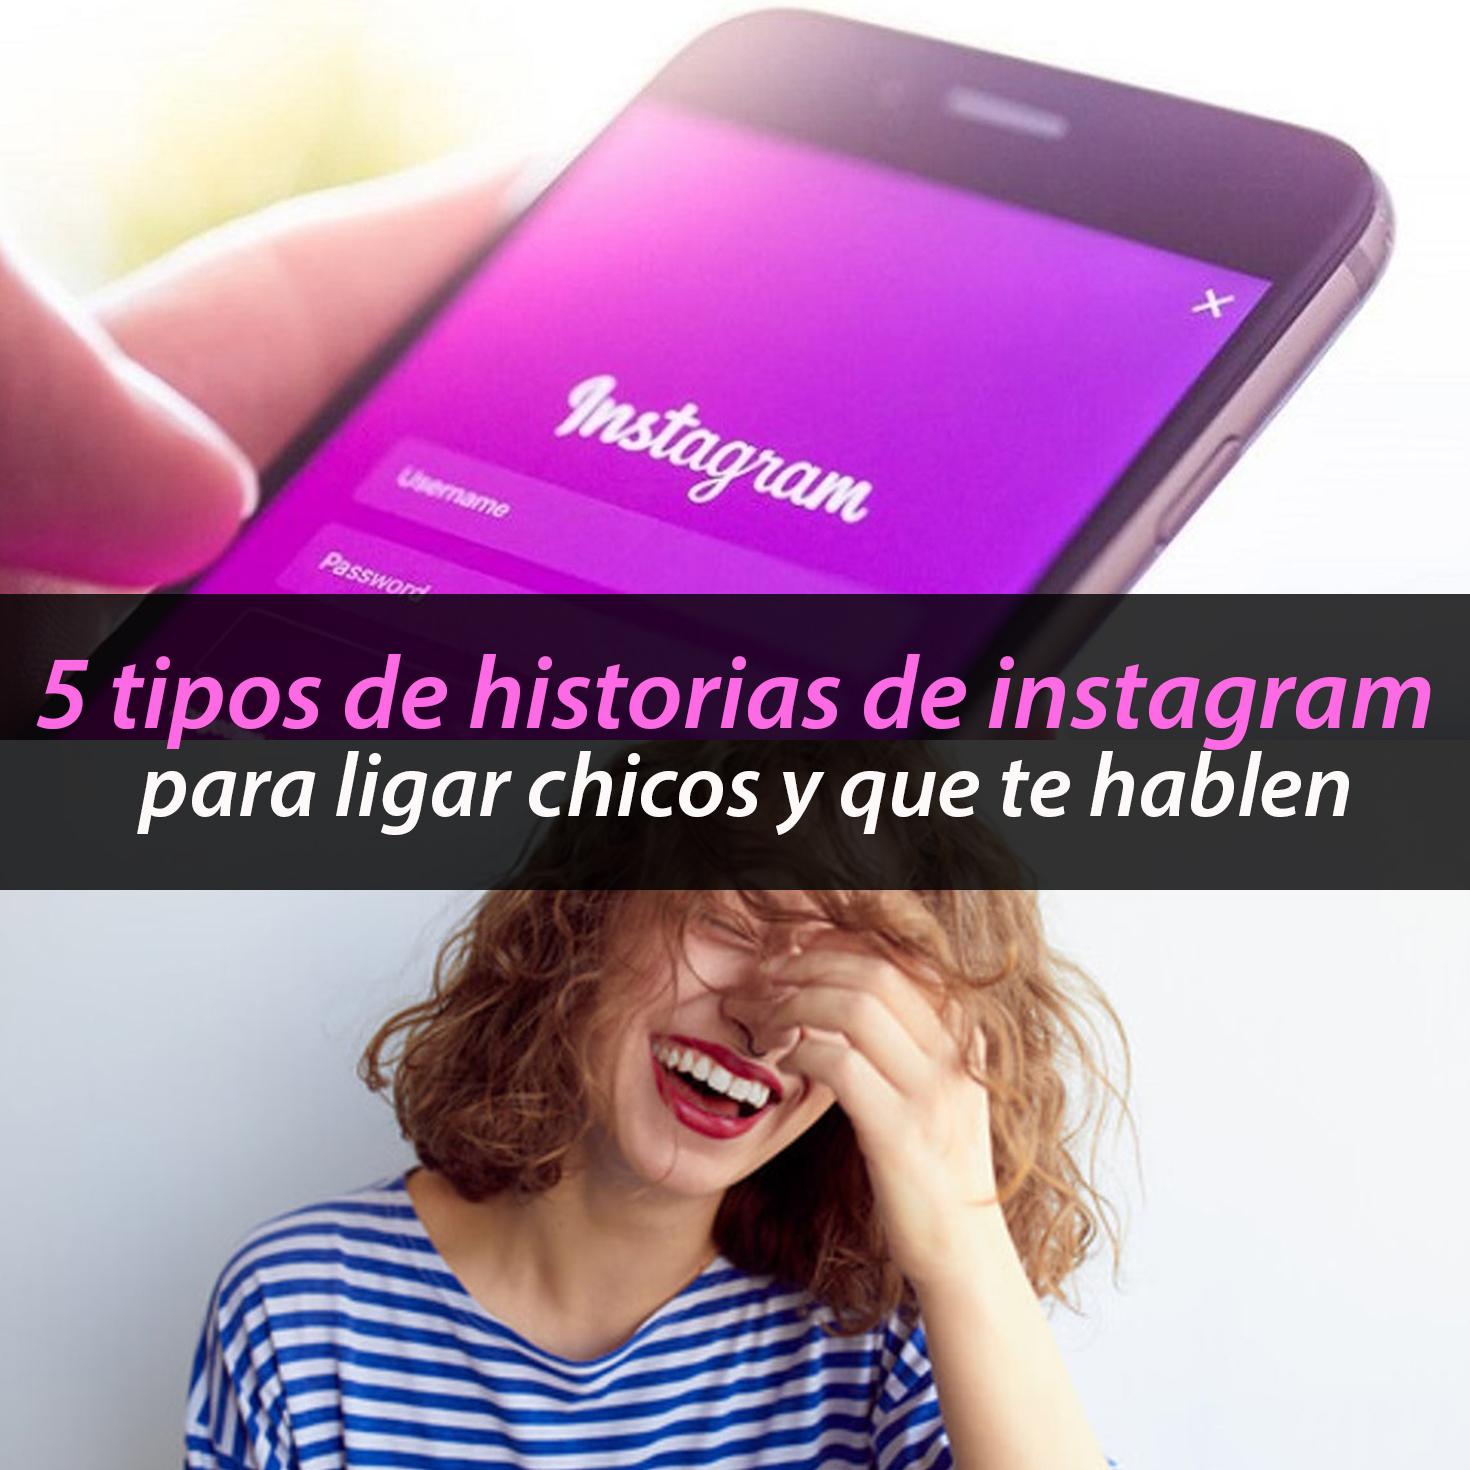 5 Tipos De Instagram Stories Para Ligar Chicos Y Que Te Hablen Métodos Para Ligar